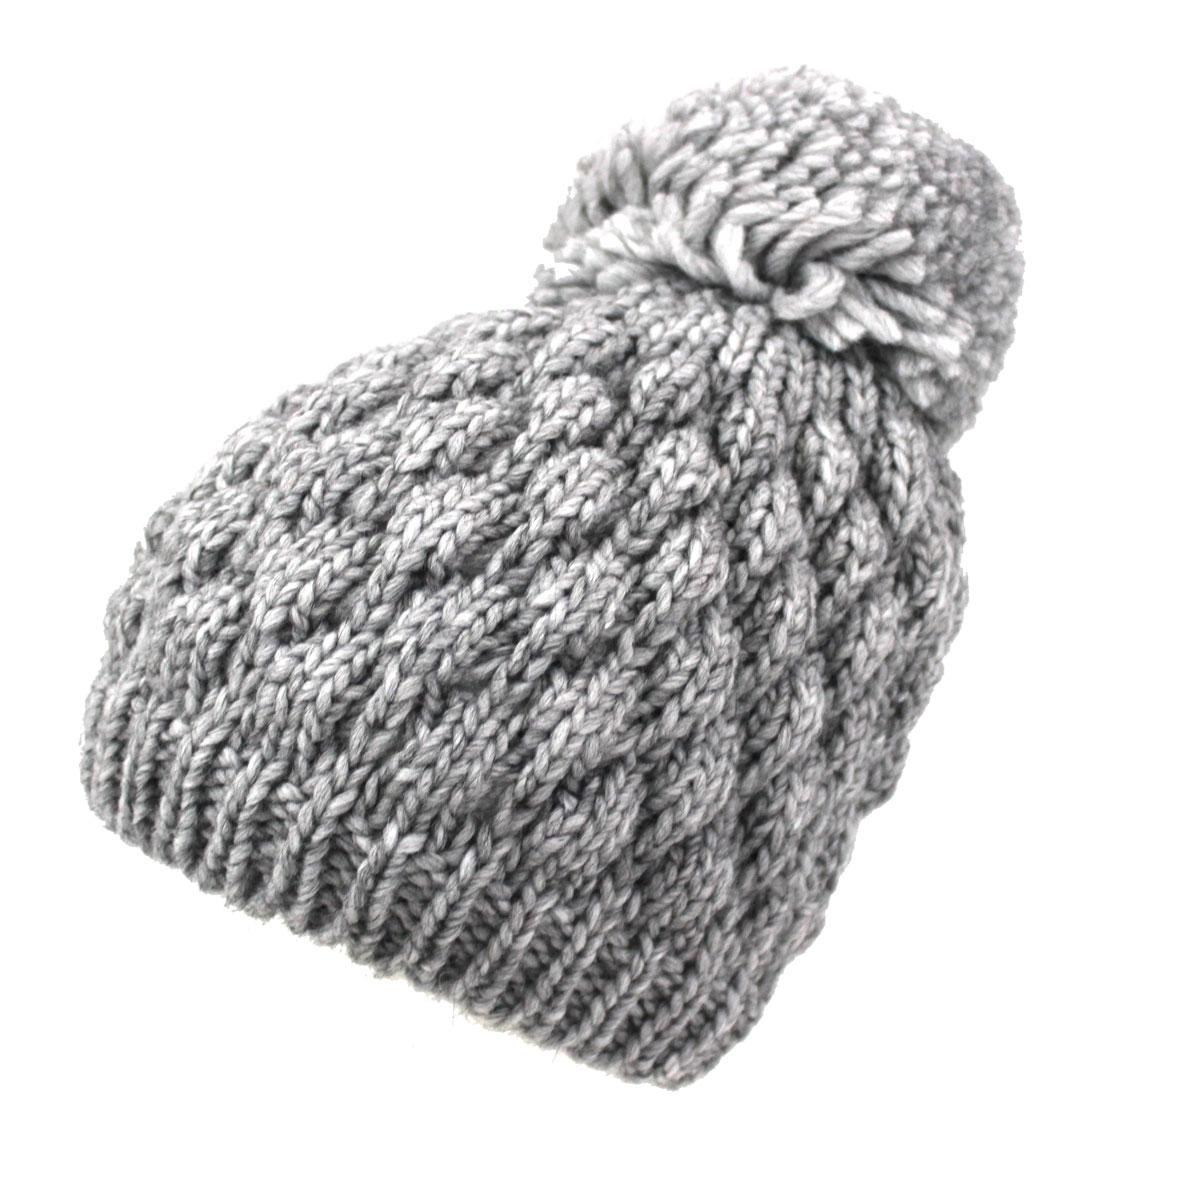 Cappello donna MISTO LANA ALPACA VISCOSA ACRILICO cuffia MADE IN ITALY  m1414 per 15724a0a2e18